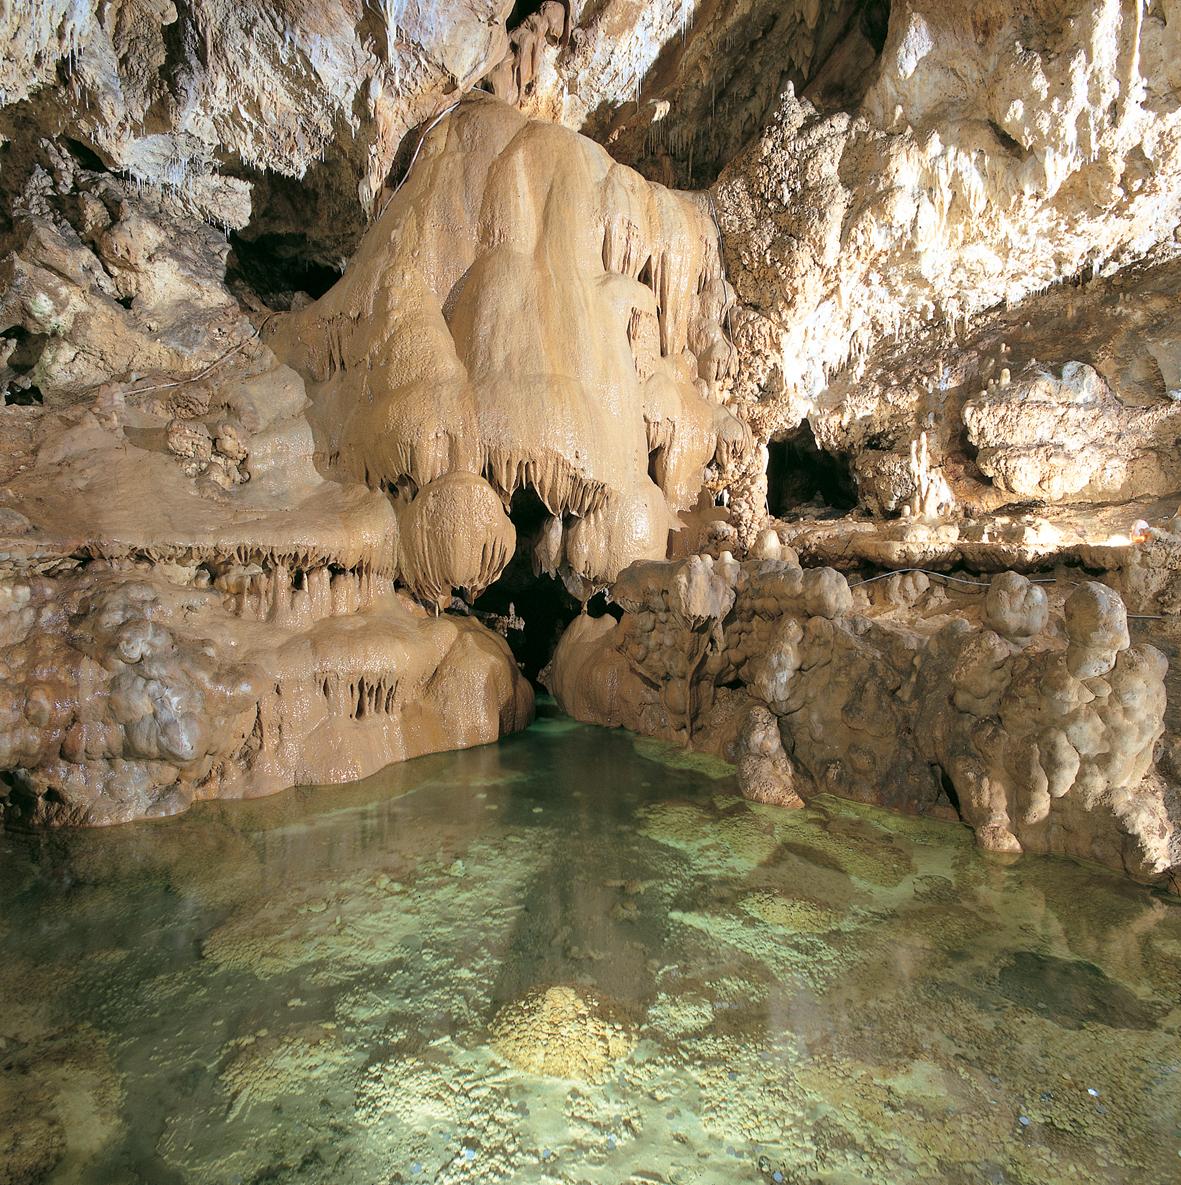 Grotte di Toirano - Foto Comune di Toirano